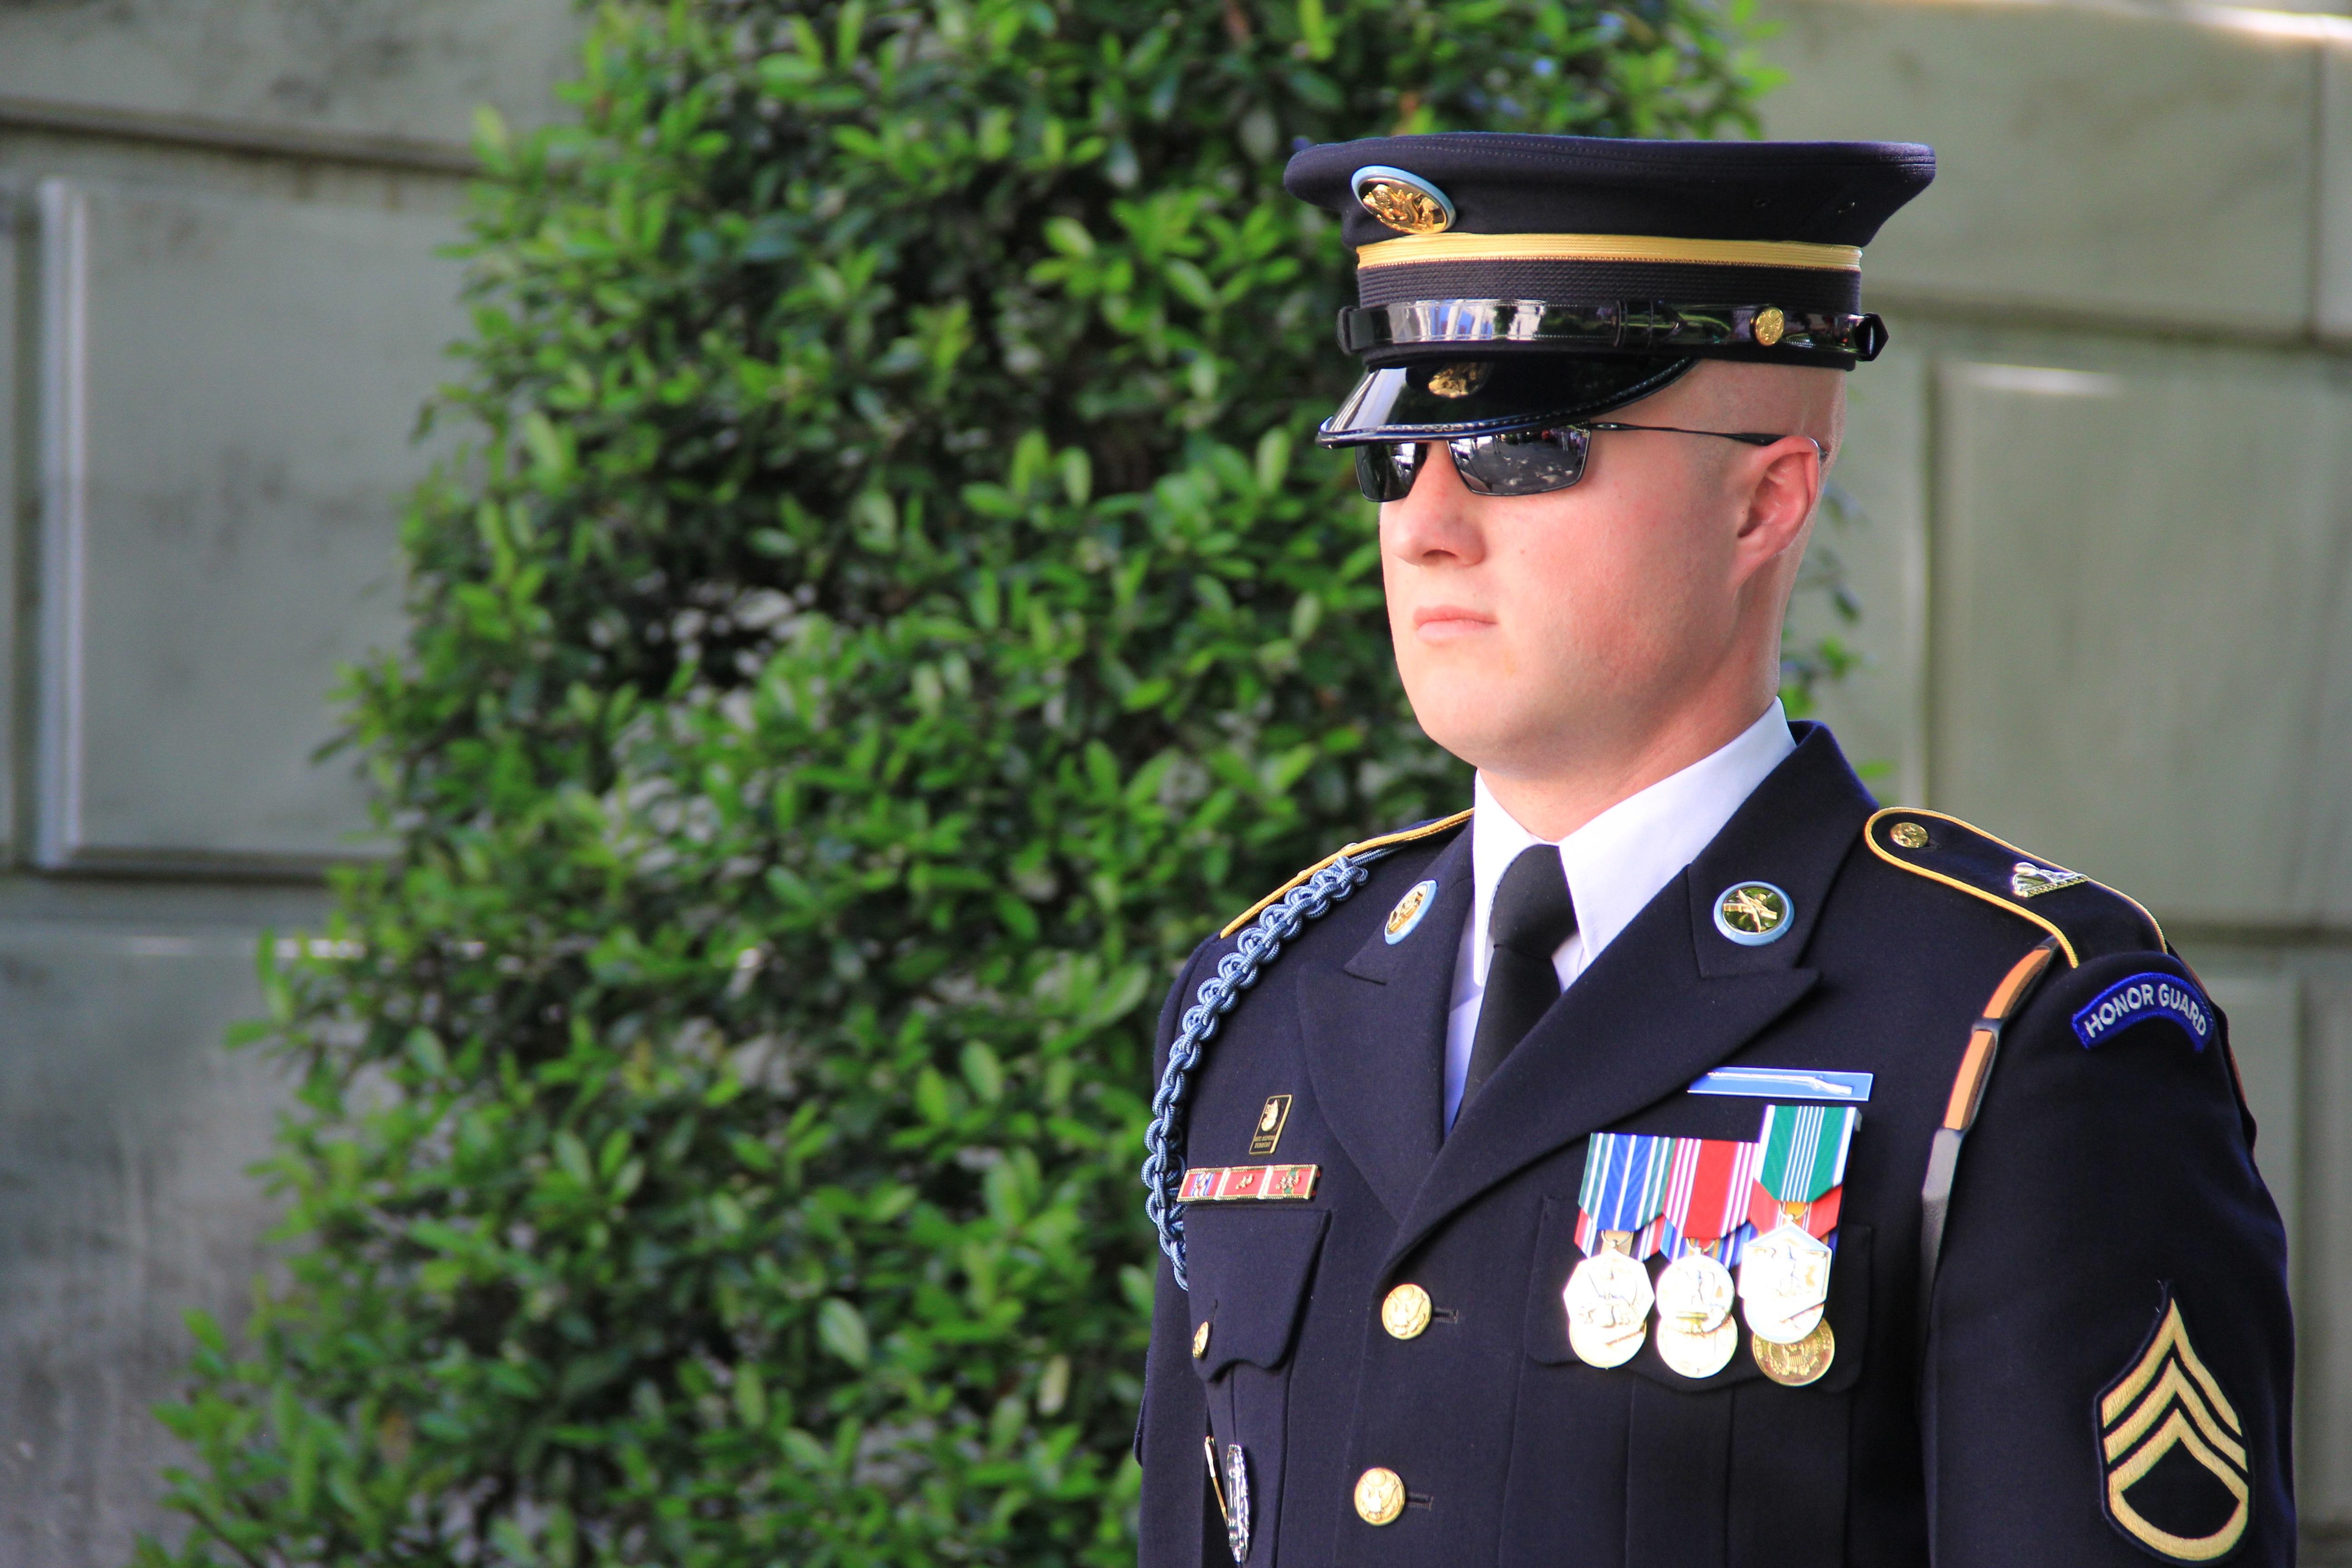 hình ảnh : người, quân đội, lính, ngày lễ, chuyên nghiệp, cảnh sát, chính thức, Đồng phục, không quân, cảnh sat, quân phục, Cảnh sát quân đội, Sĩ quan quân ...